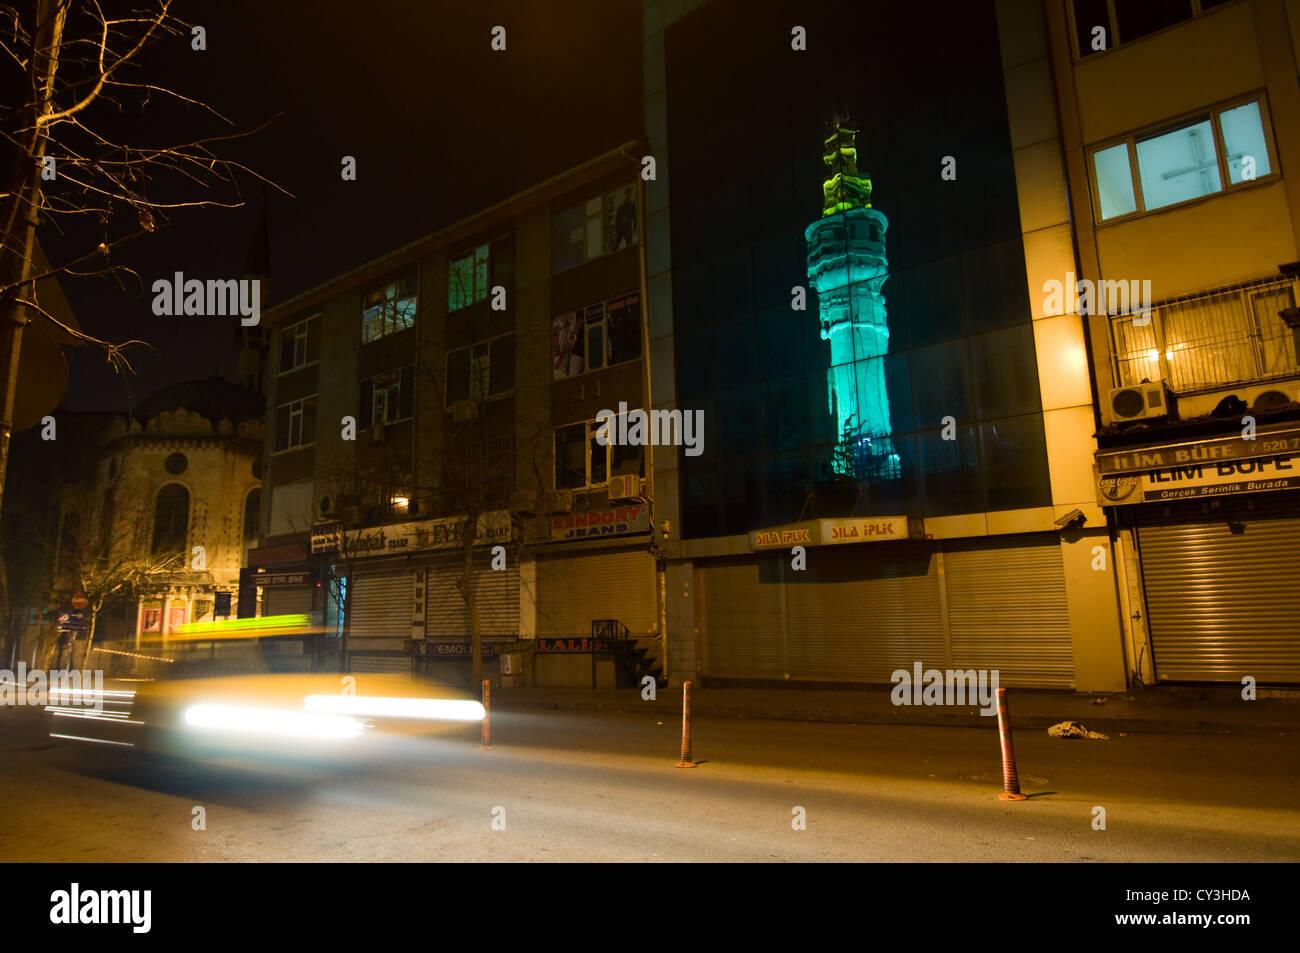 Taxi at Fuat Paşa Caddesi (Istanbul) at night Stock Photo